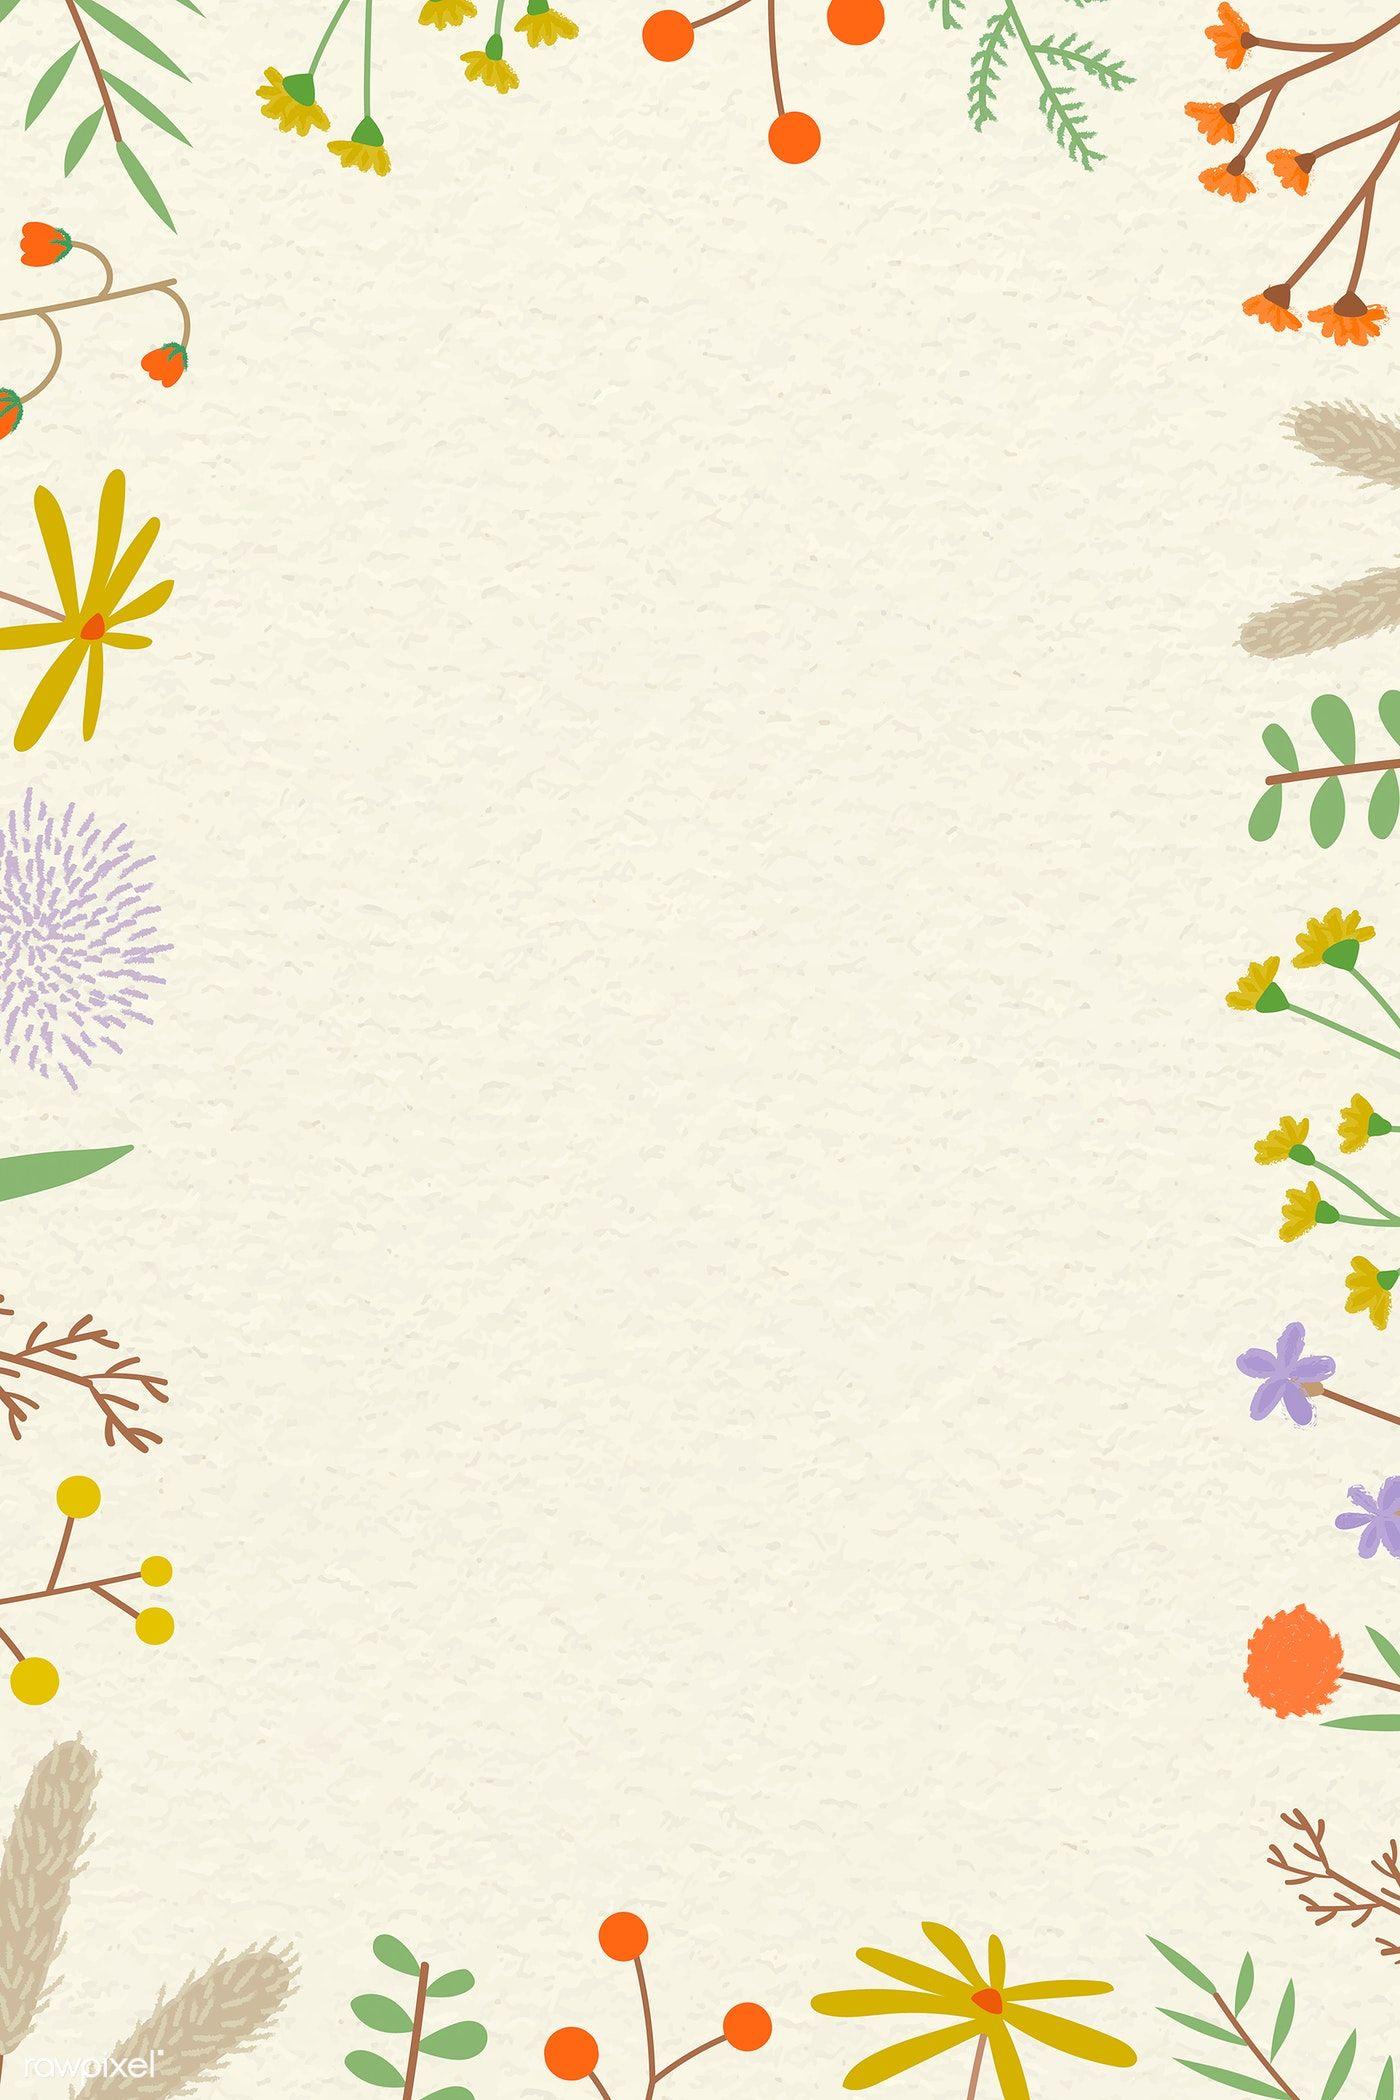 Download Premium Vector Of Doodle Nature Patterned Frame Vector 1222907 Patterns In Nature Floral Border Design Flower Frame